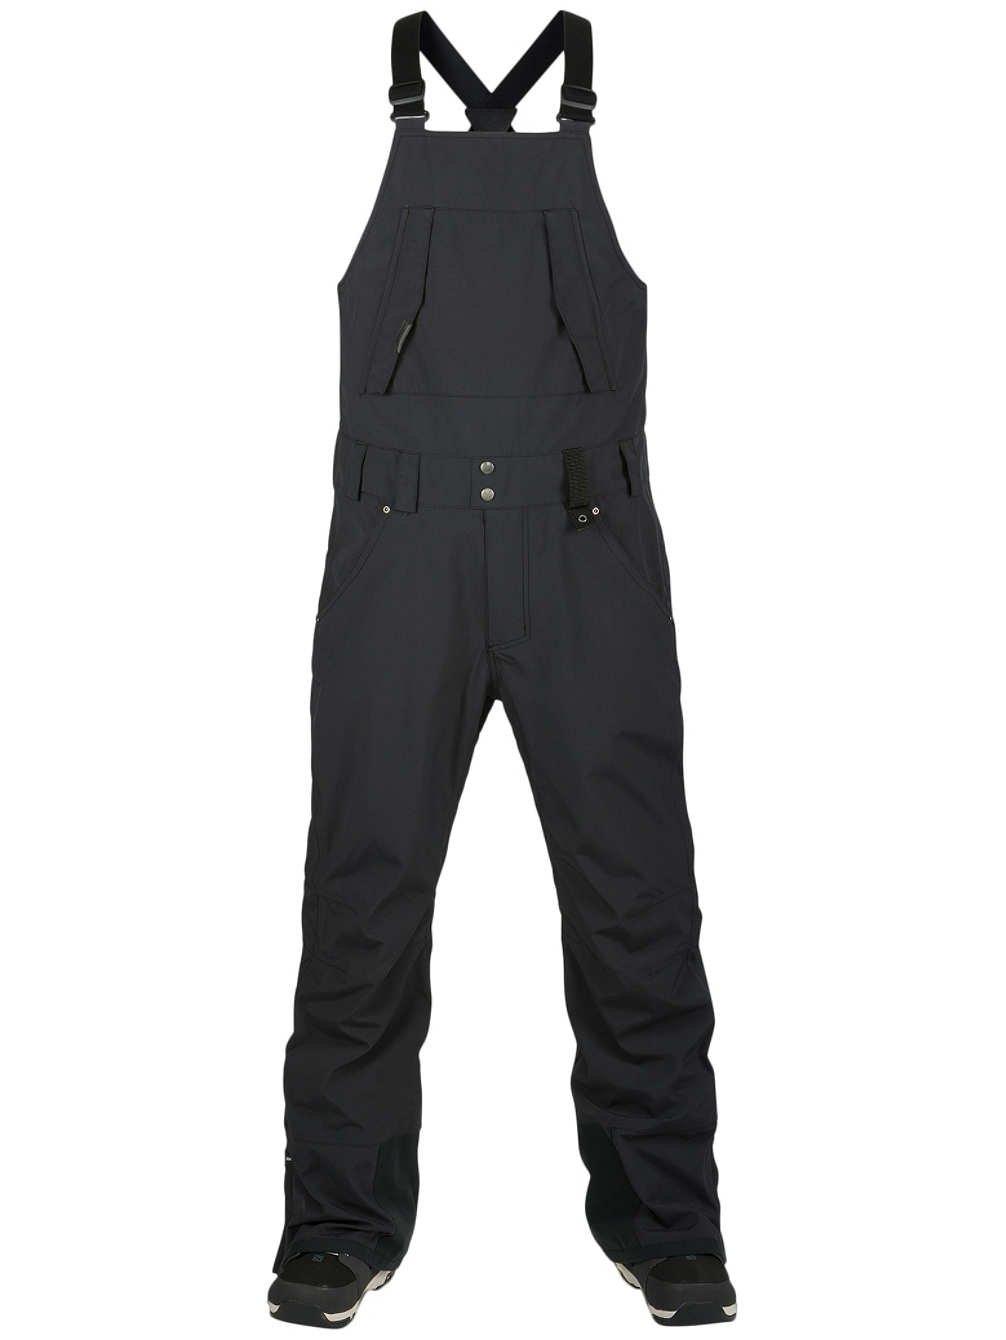 Dakine Men's Wyeast Bib Pants, Black, L